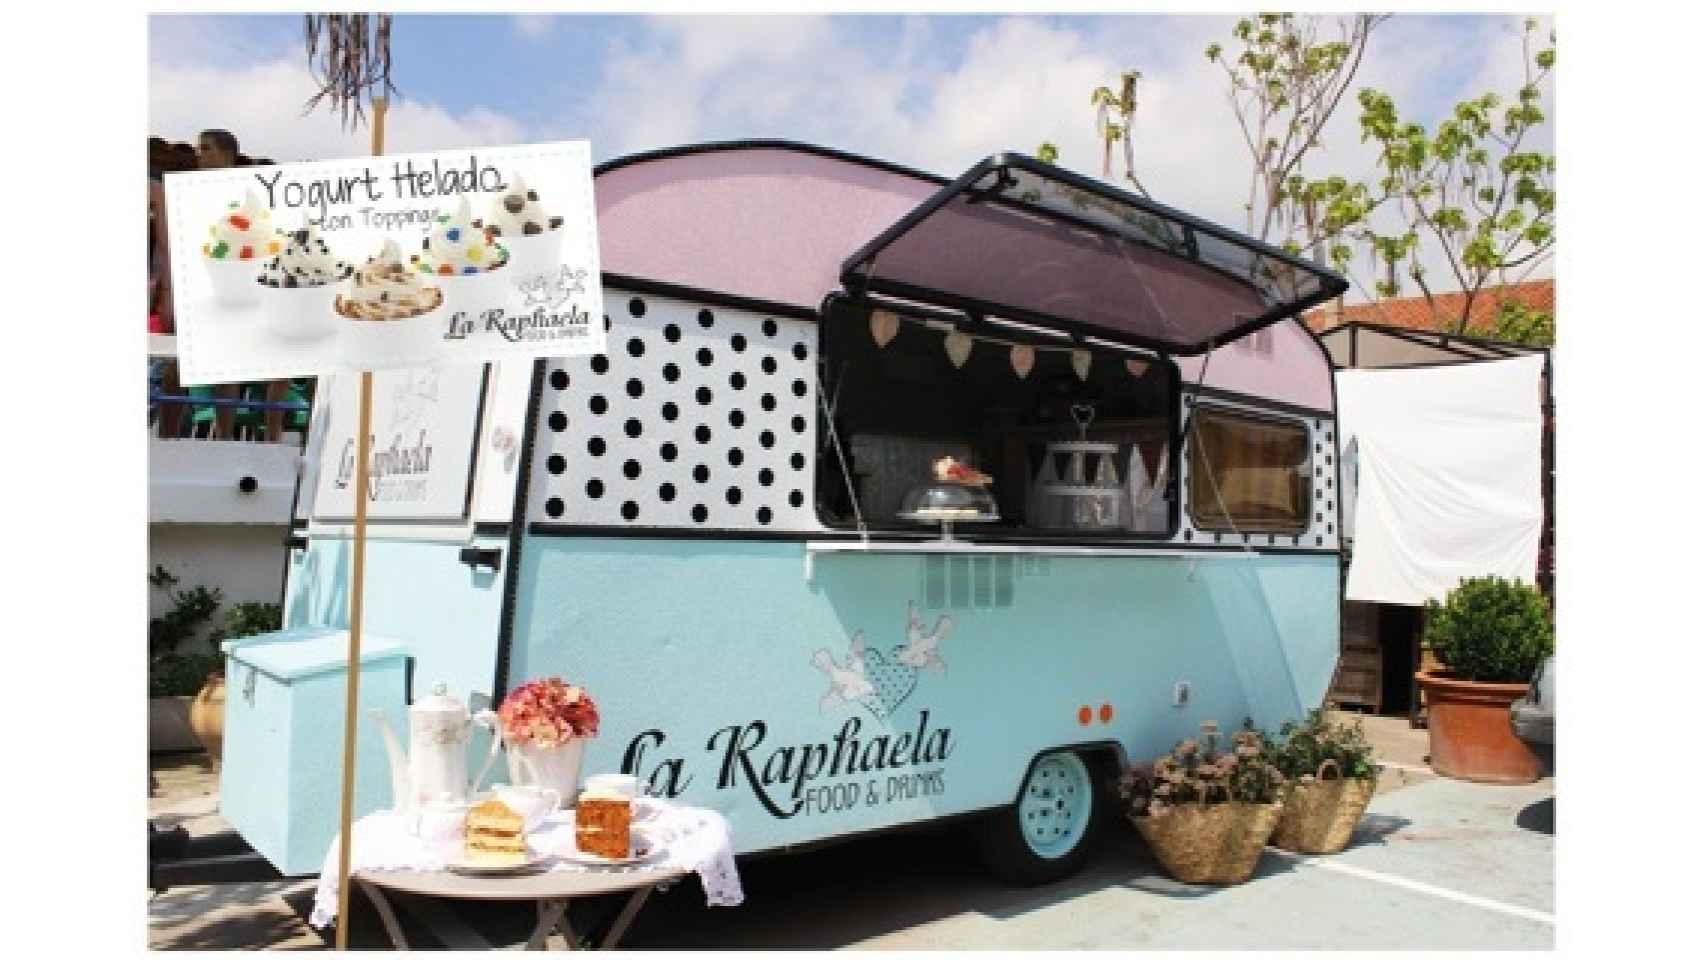 Yogures helados, tartas, cuapcakes... En La Raphaella.